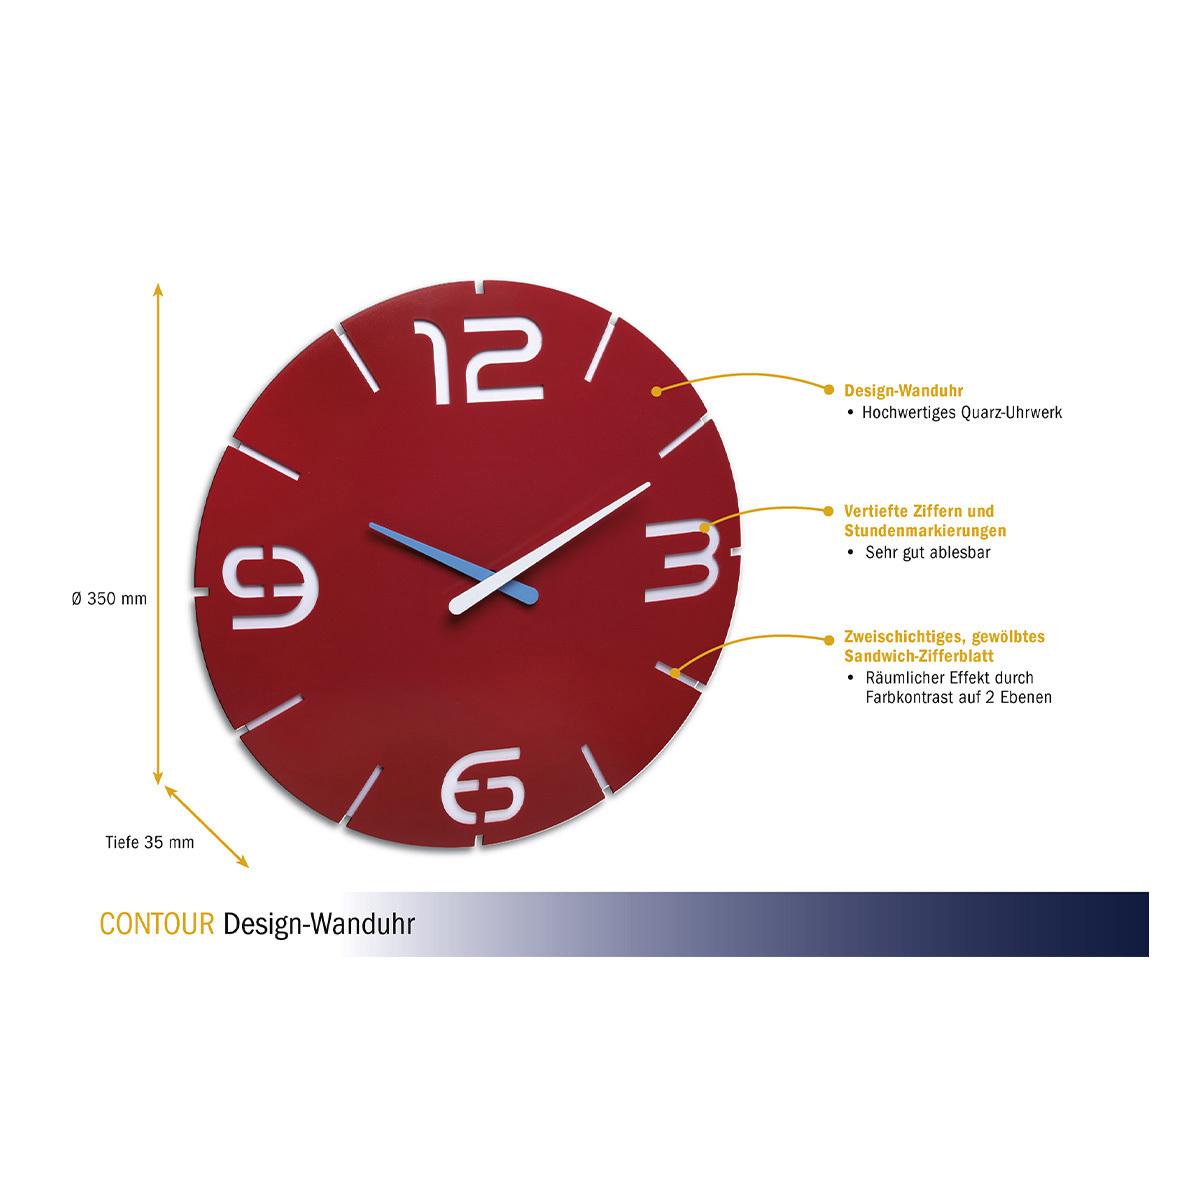 60-3047-05-design-wanduhr-contour-abmessungen-1200x1200px.jpg